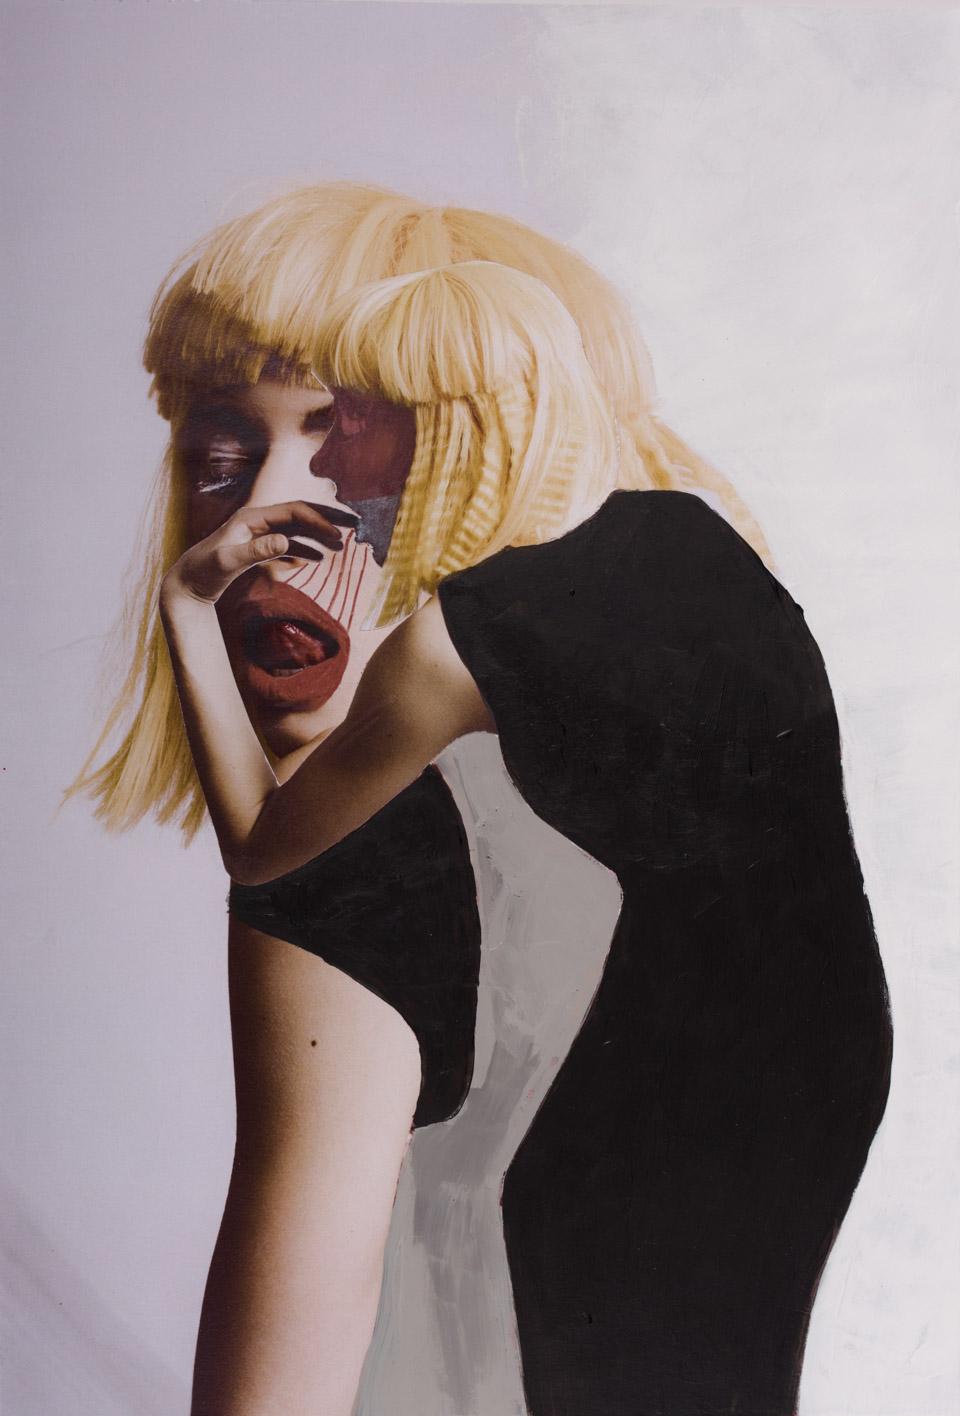 painted_woman21.jpg